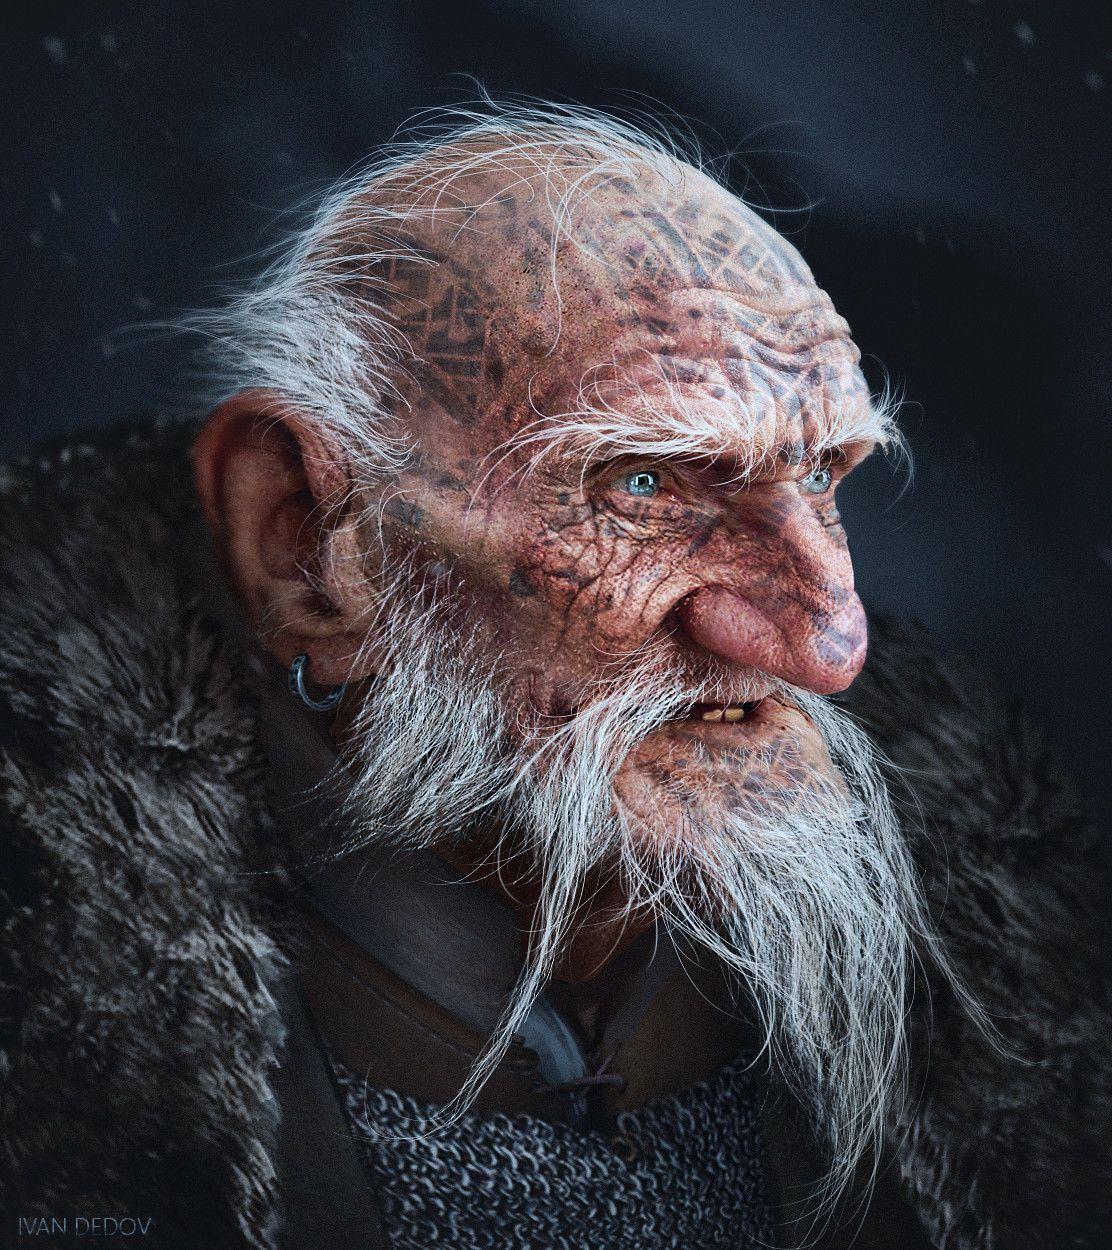 baldur's gate portrait - Google Search | D&D - Dwarves and ... |Dwarf Male Portrait